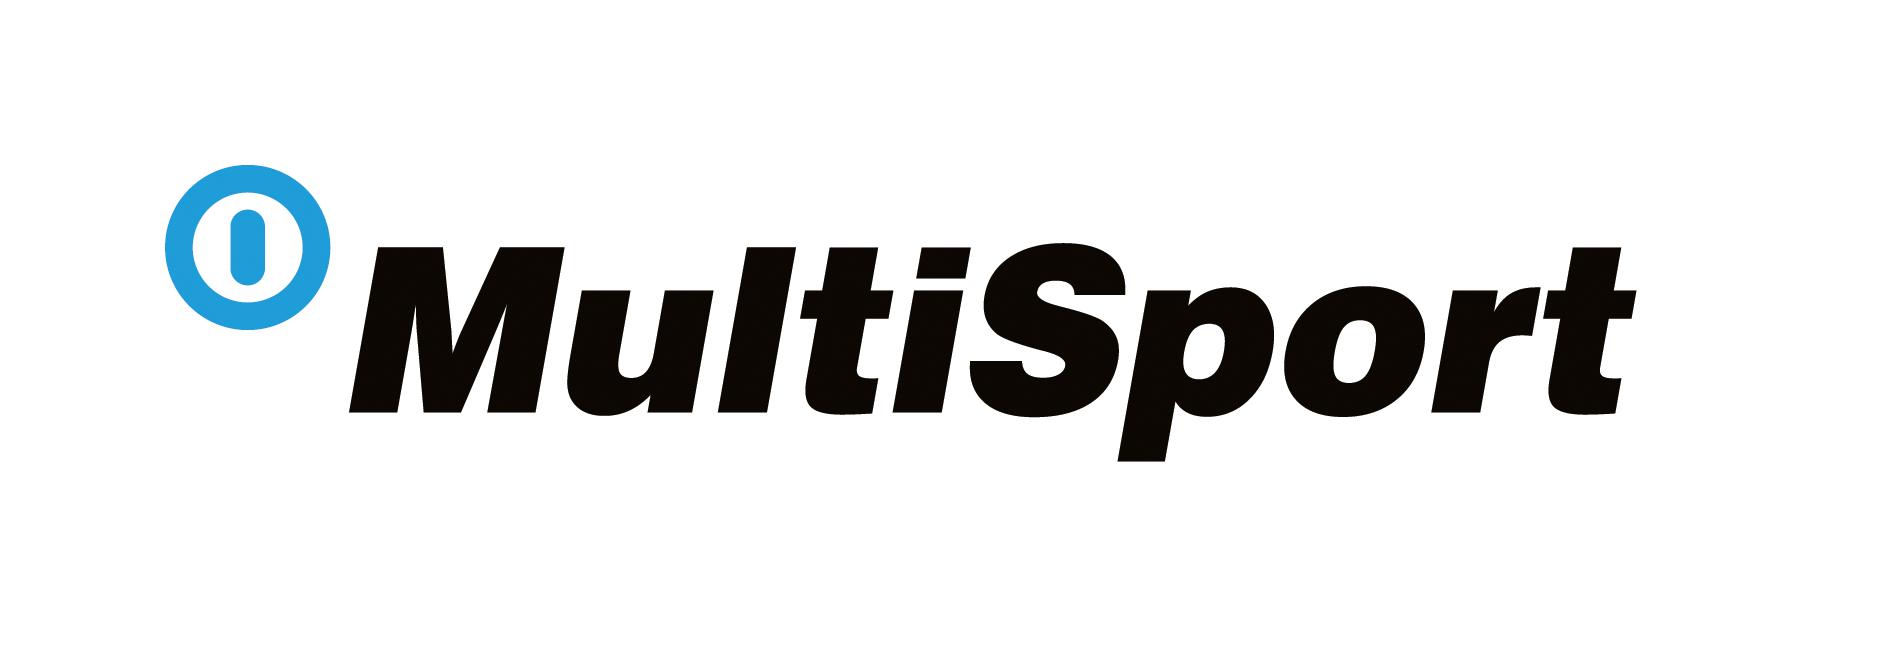 Multisport_LOGO_Jpeg.jpg